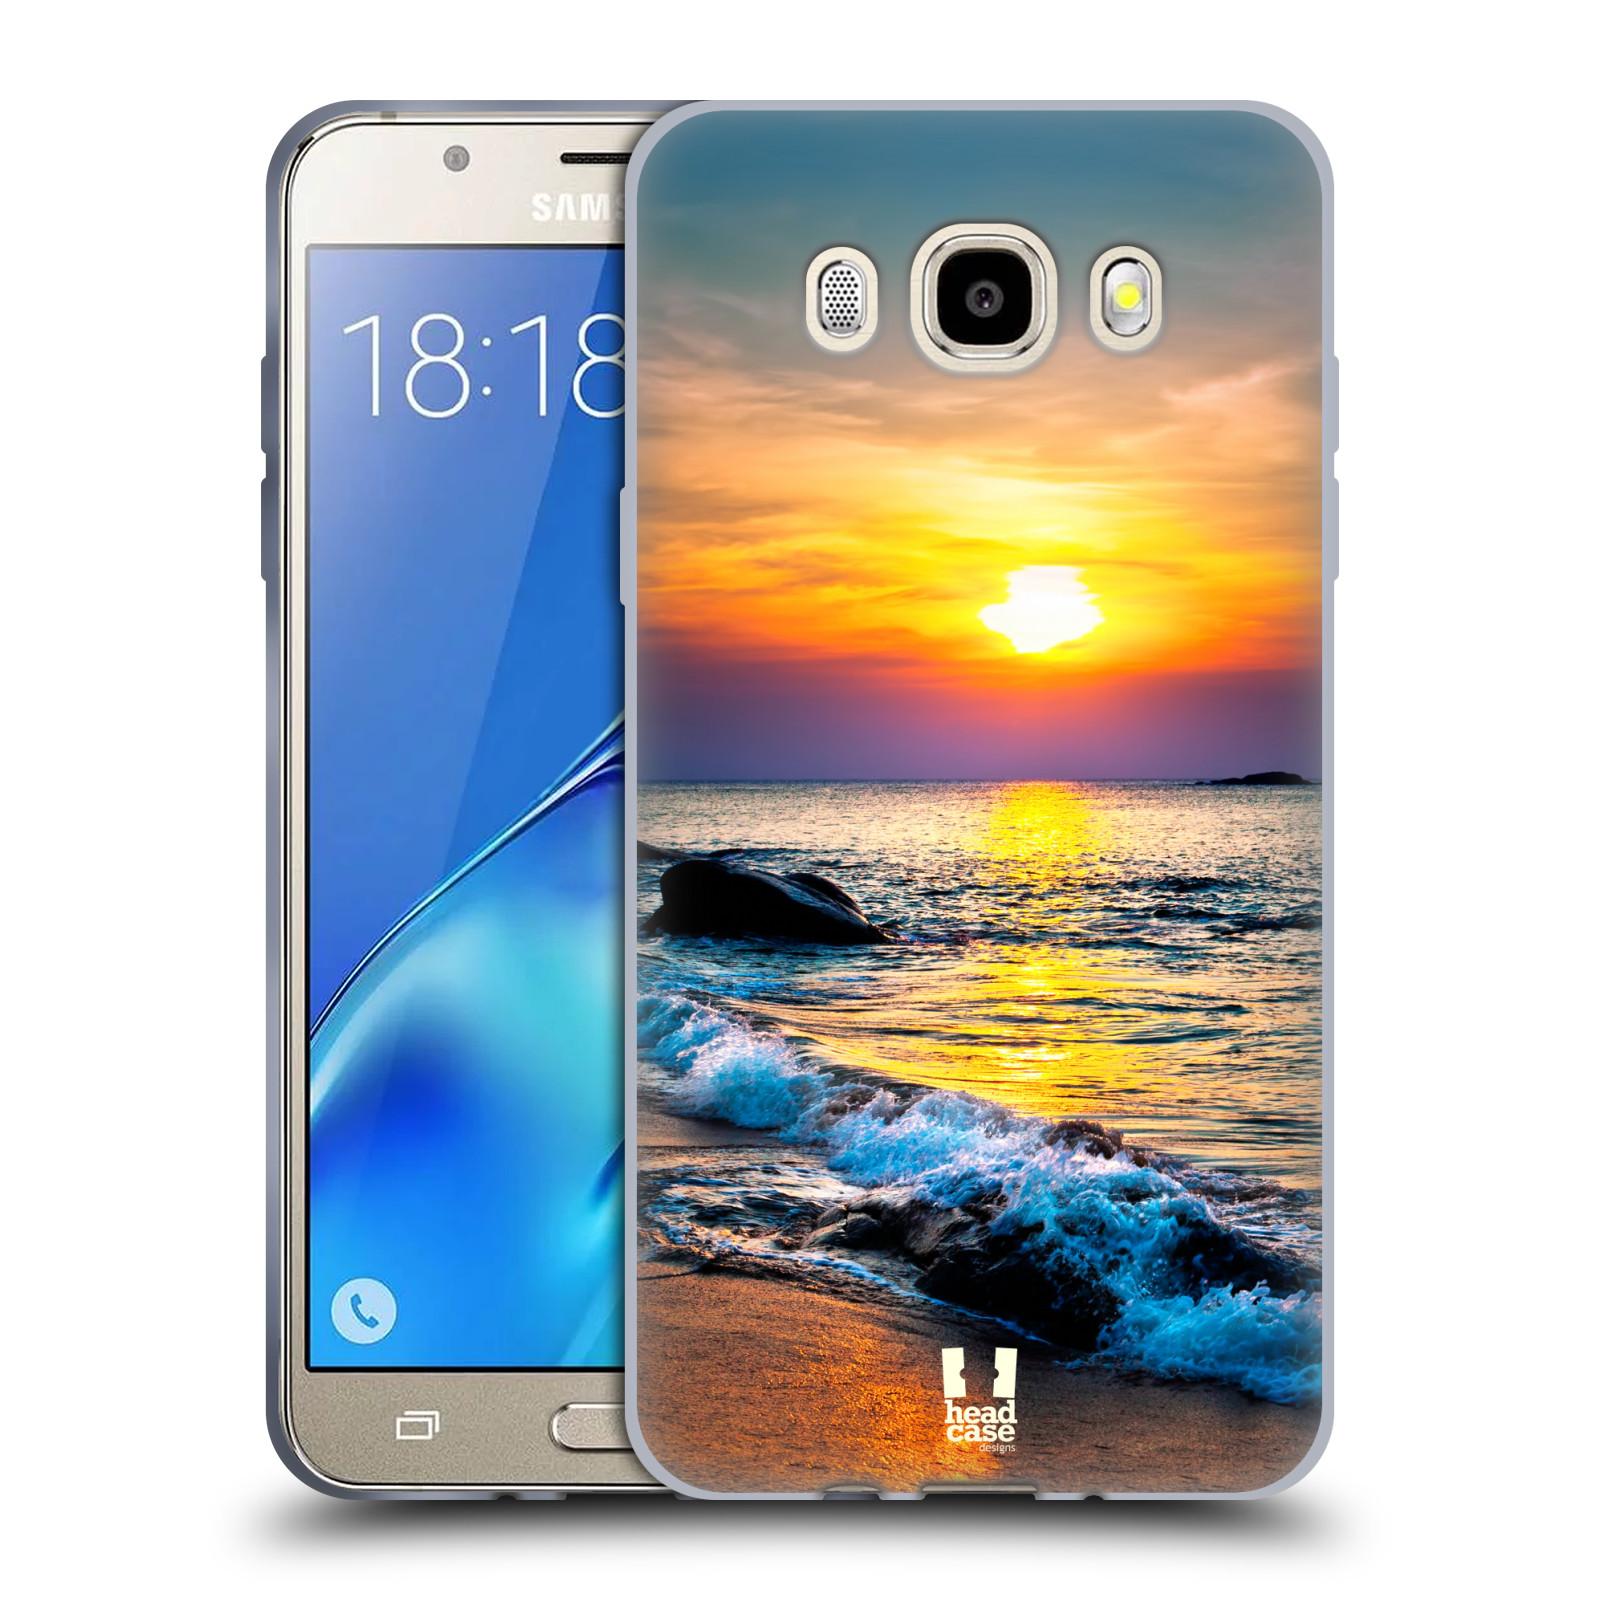 HEAD CASE silikonový obal, kryt na mobil Samsung Galaxy J5 2016, J510, J510F, (J510F DUAL SIM) vzor Pláže a Moře barevný západ slunce